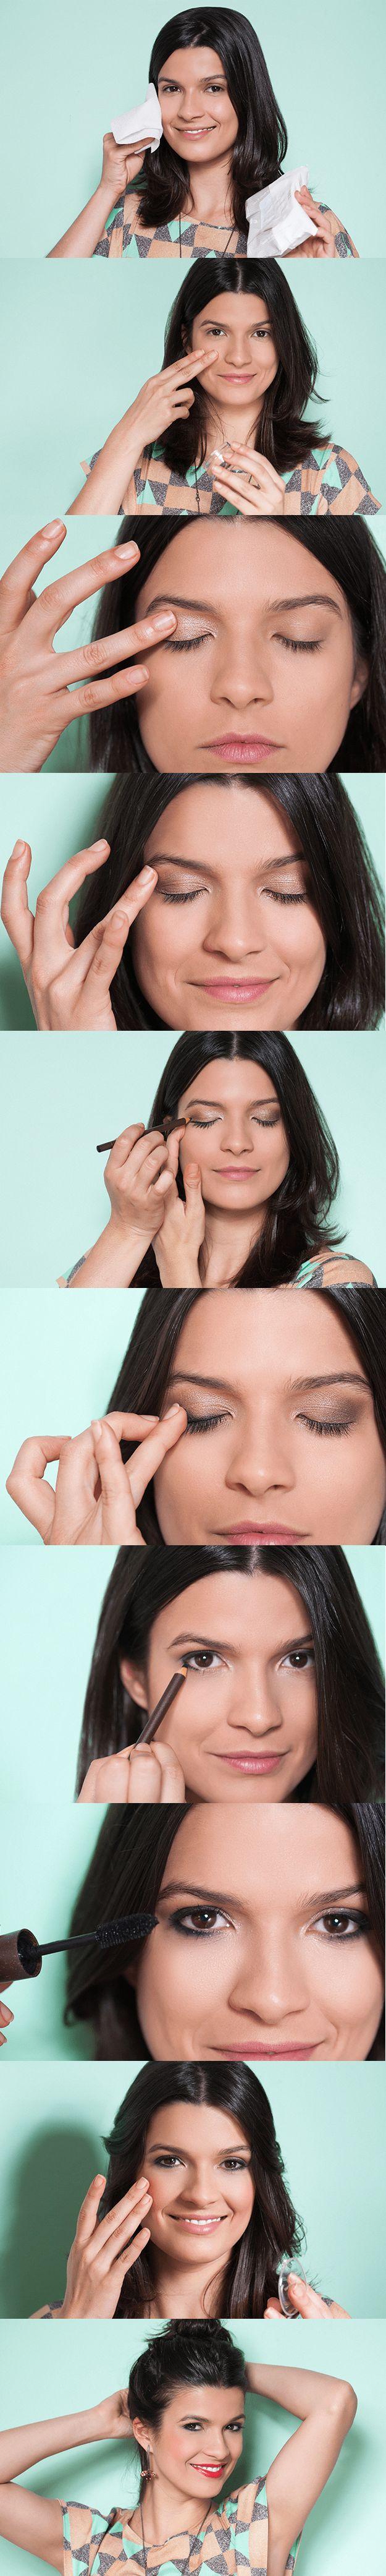 Na correria do dia a dia, nem sempre sobra tempo para se maquiar com calma. Siga as dicas do Adoro Maquiagem e conquiste um look natural sem esforço, usando apenas os dedos. É hora de dar tchau ao pincel (mas só quando você quiser!)